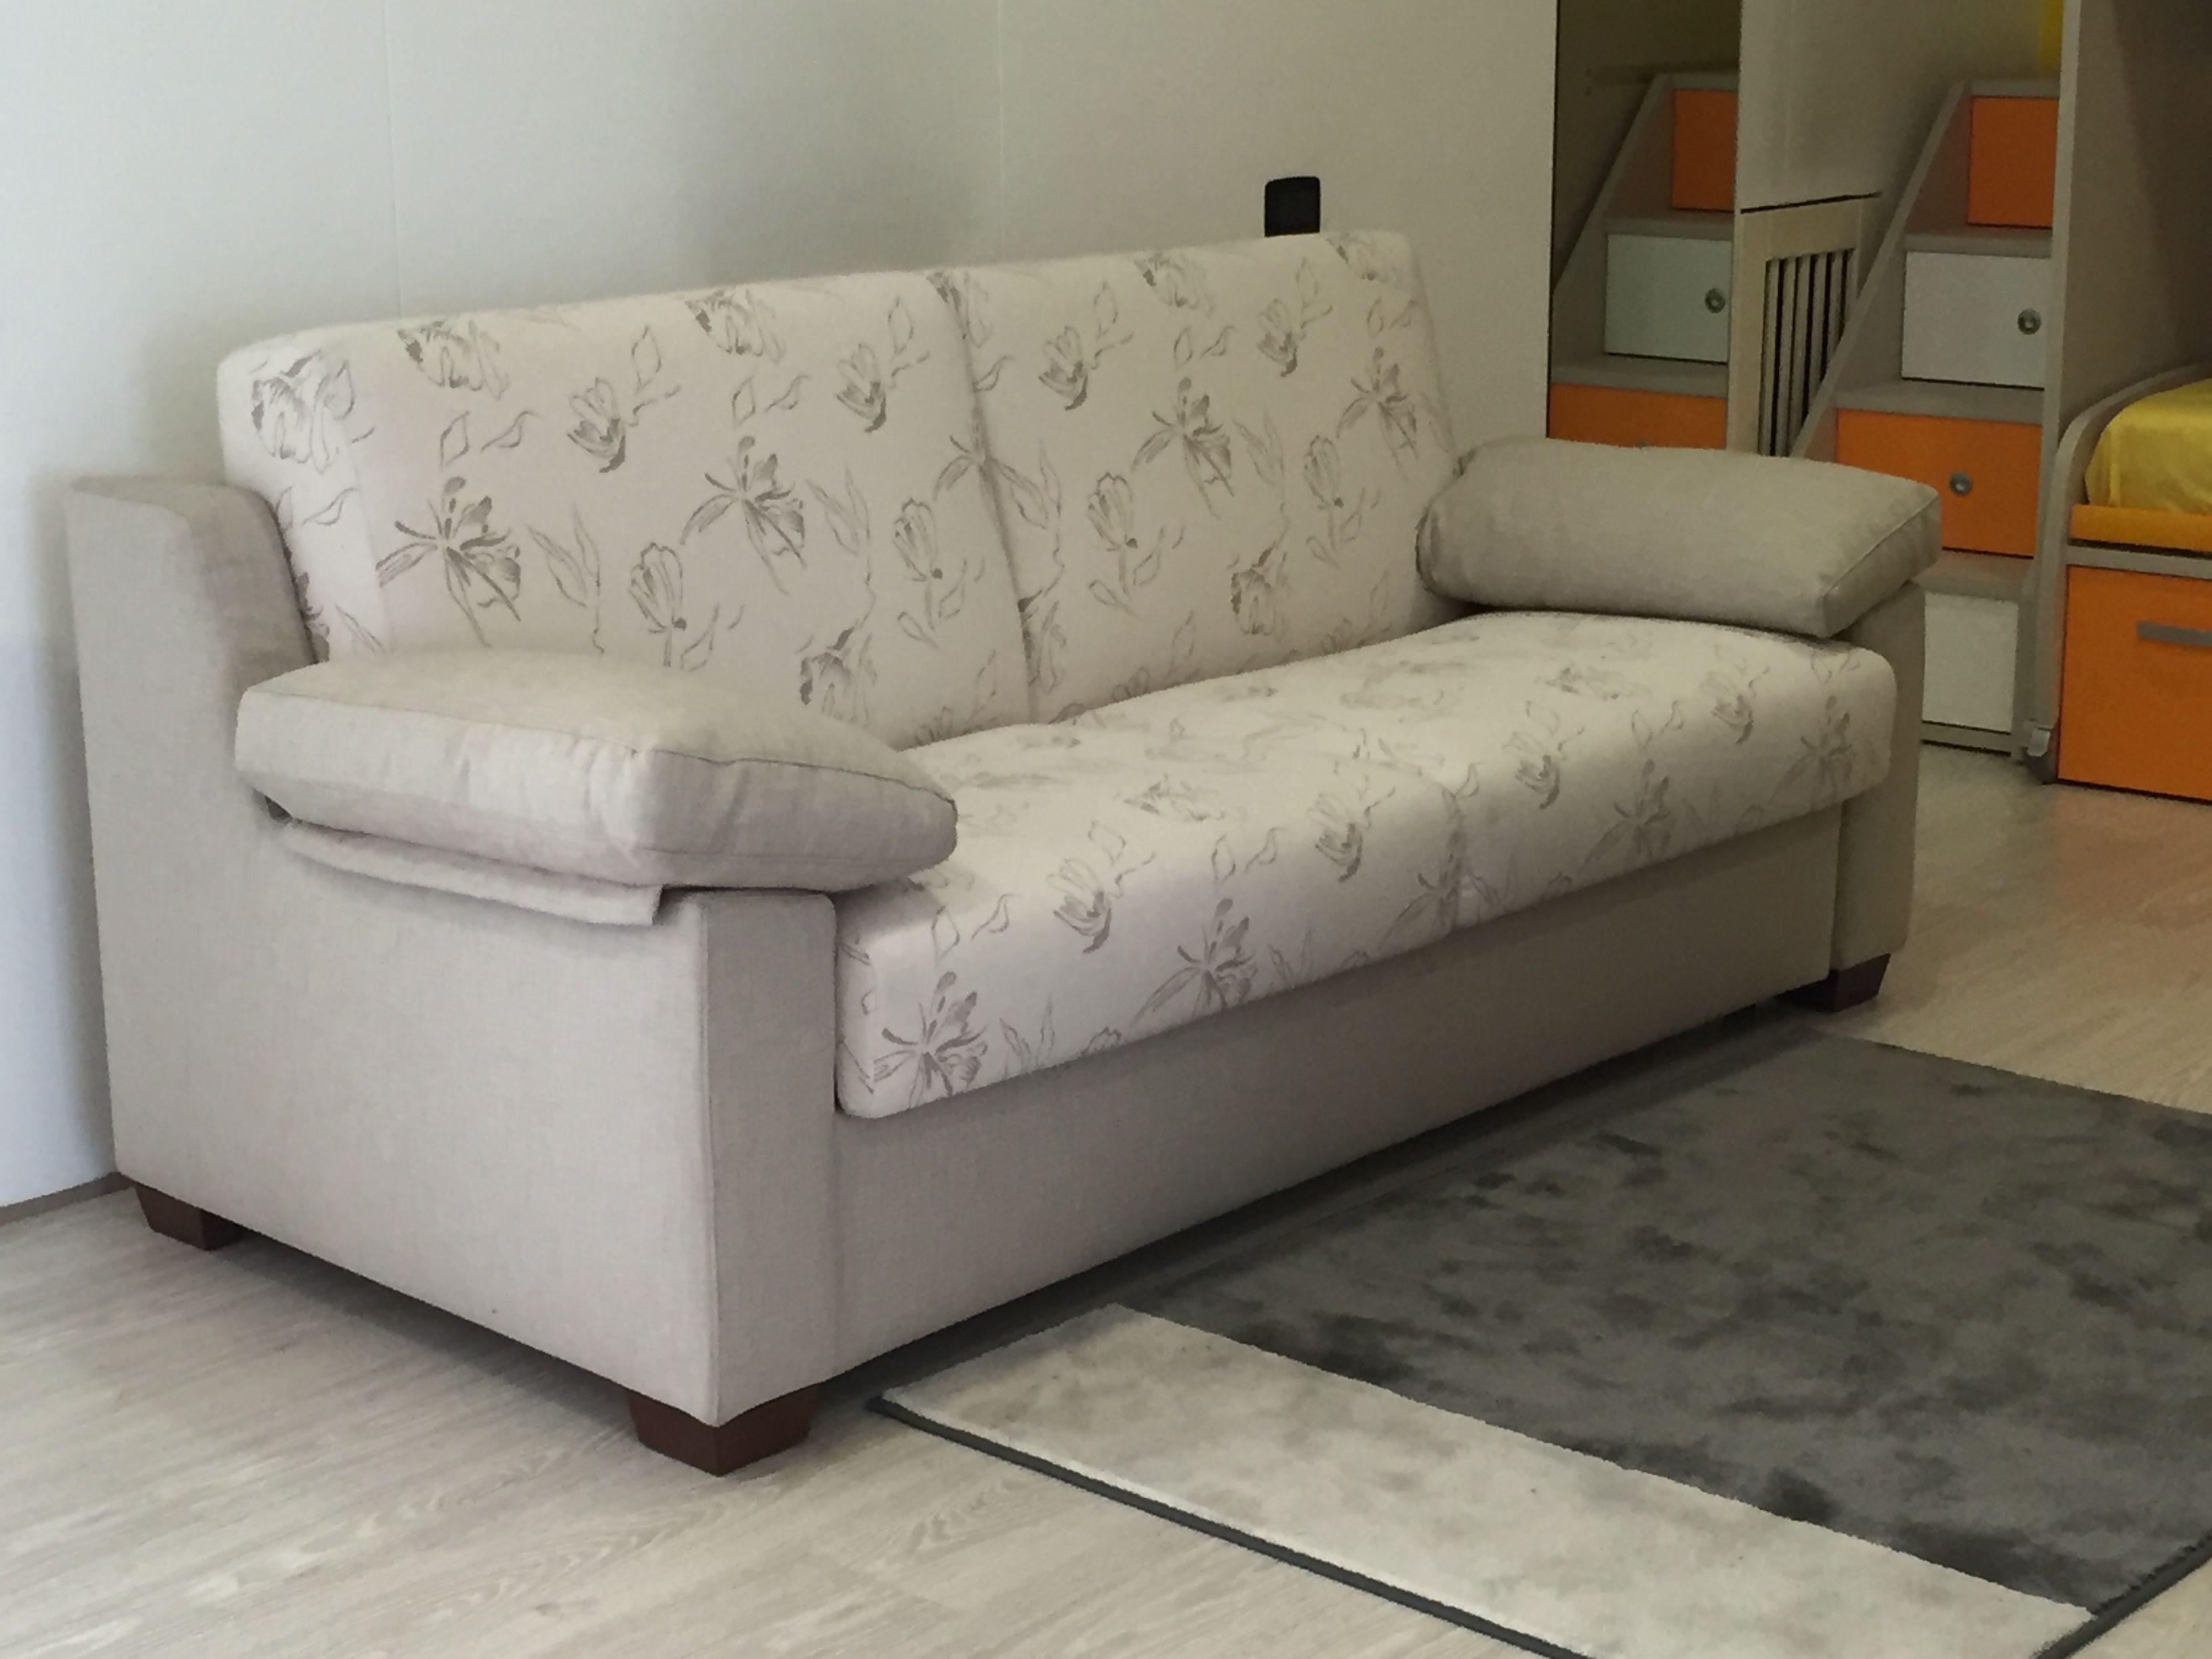 Foderare Divano ~ Rifoderare divano in pelle tessuti per divani ikea with